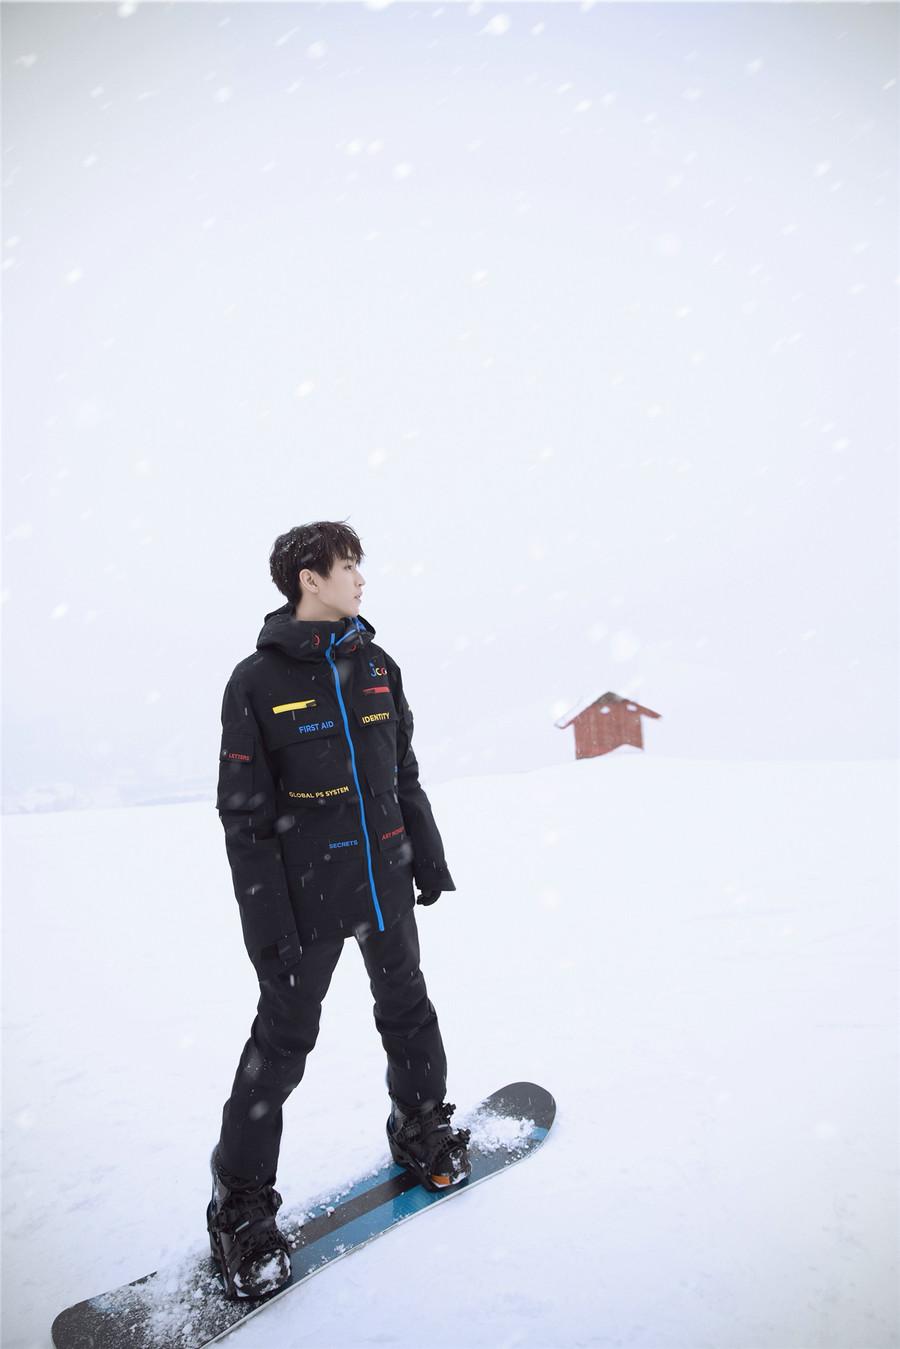 王俊凯冰雪大片曝光 笑容仿佛冬日里的一米阳光